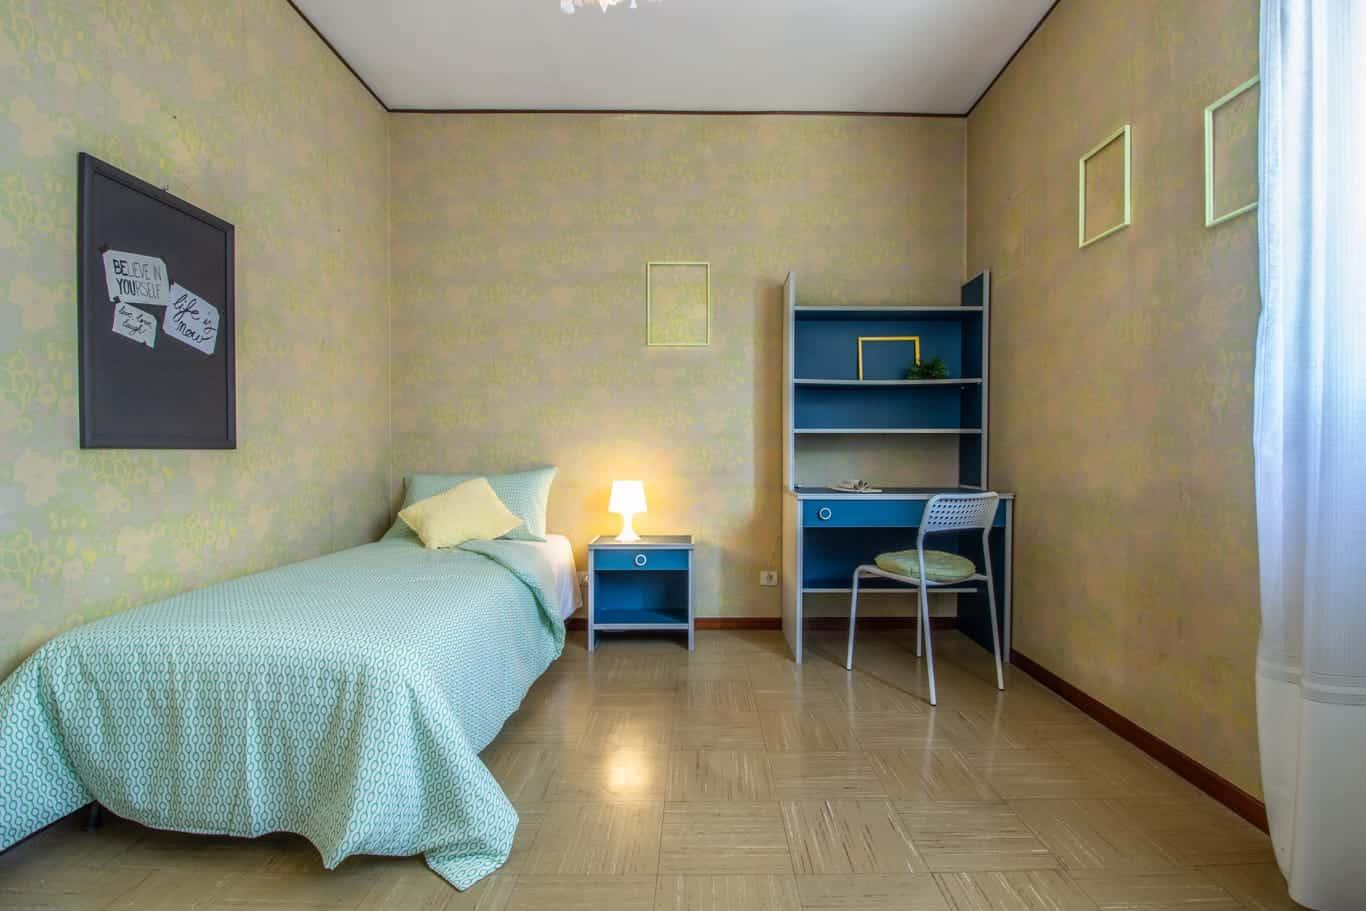 homelead immobiliare vendesi quadrilocale a pordenone (6 of 8)